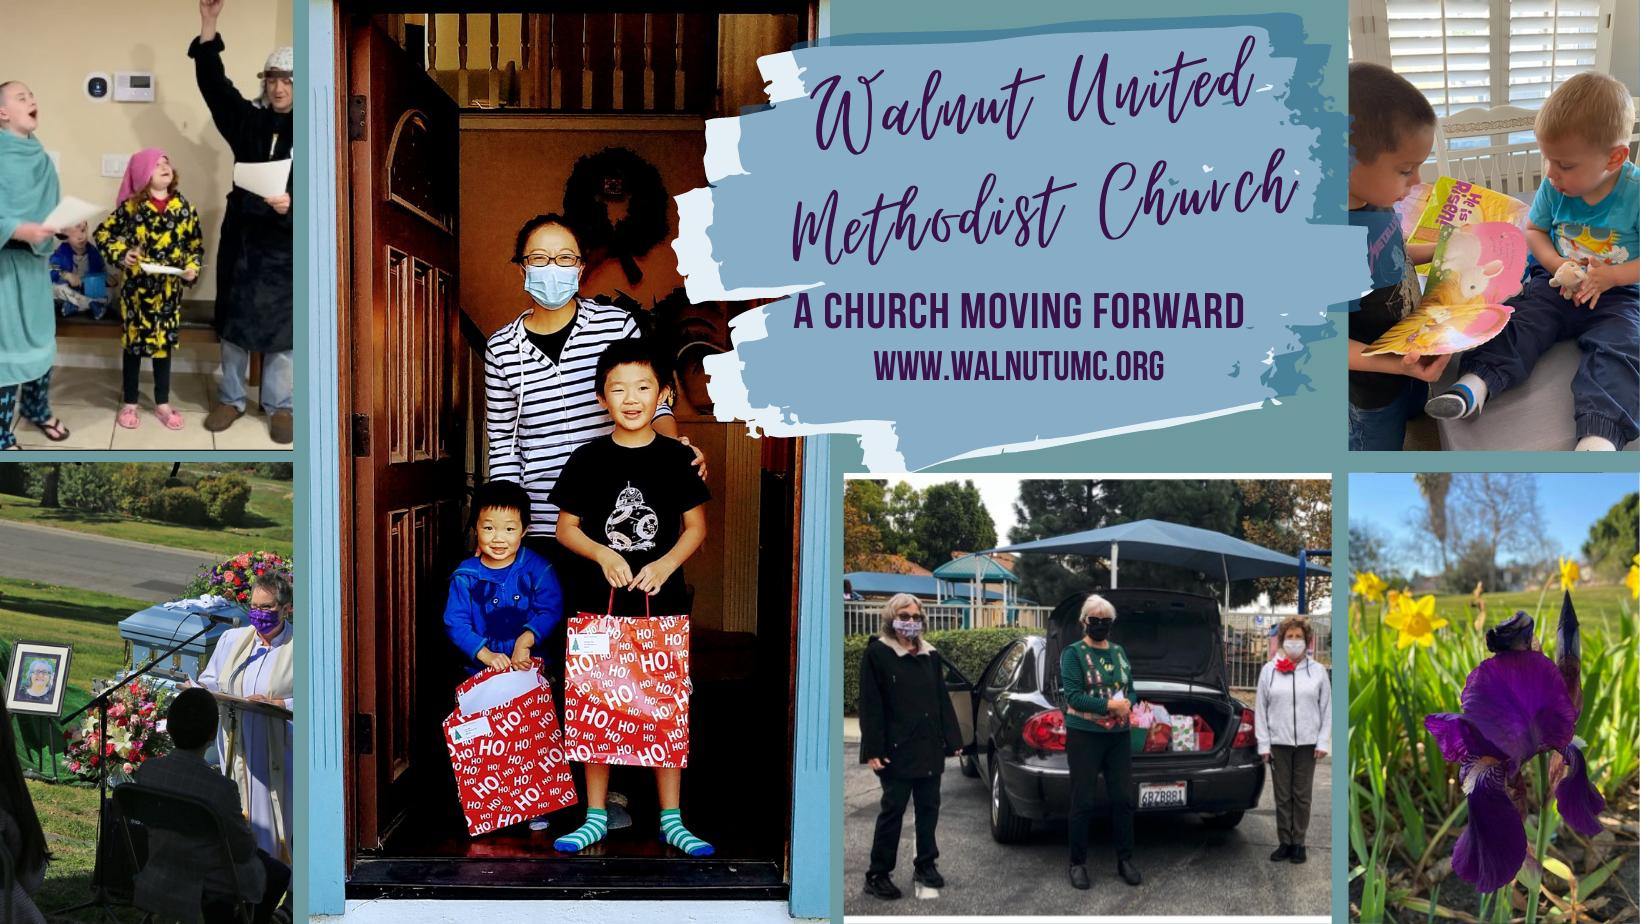 Walnut United Methodist Church